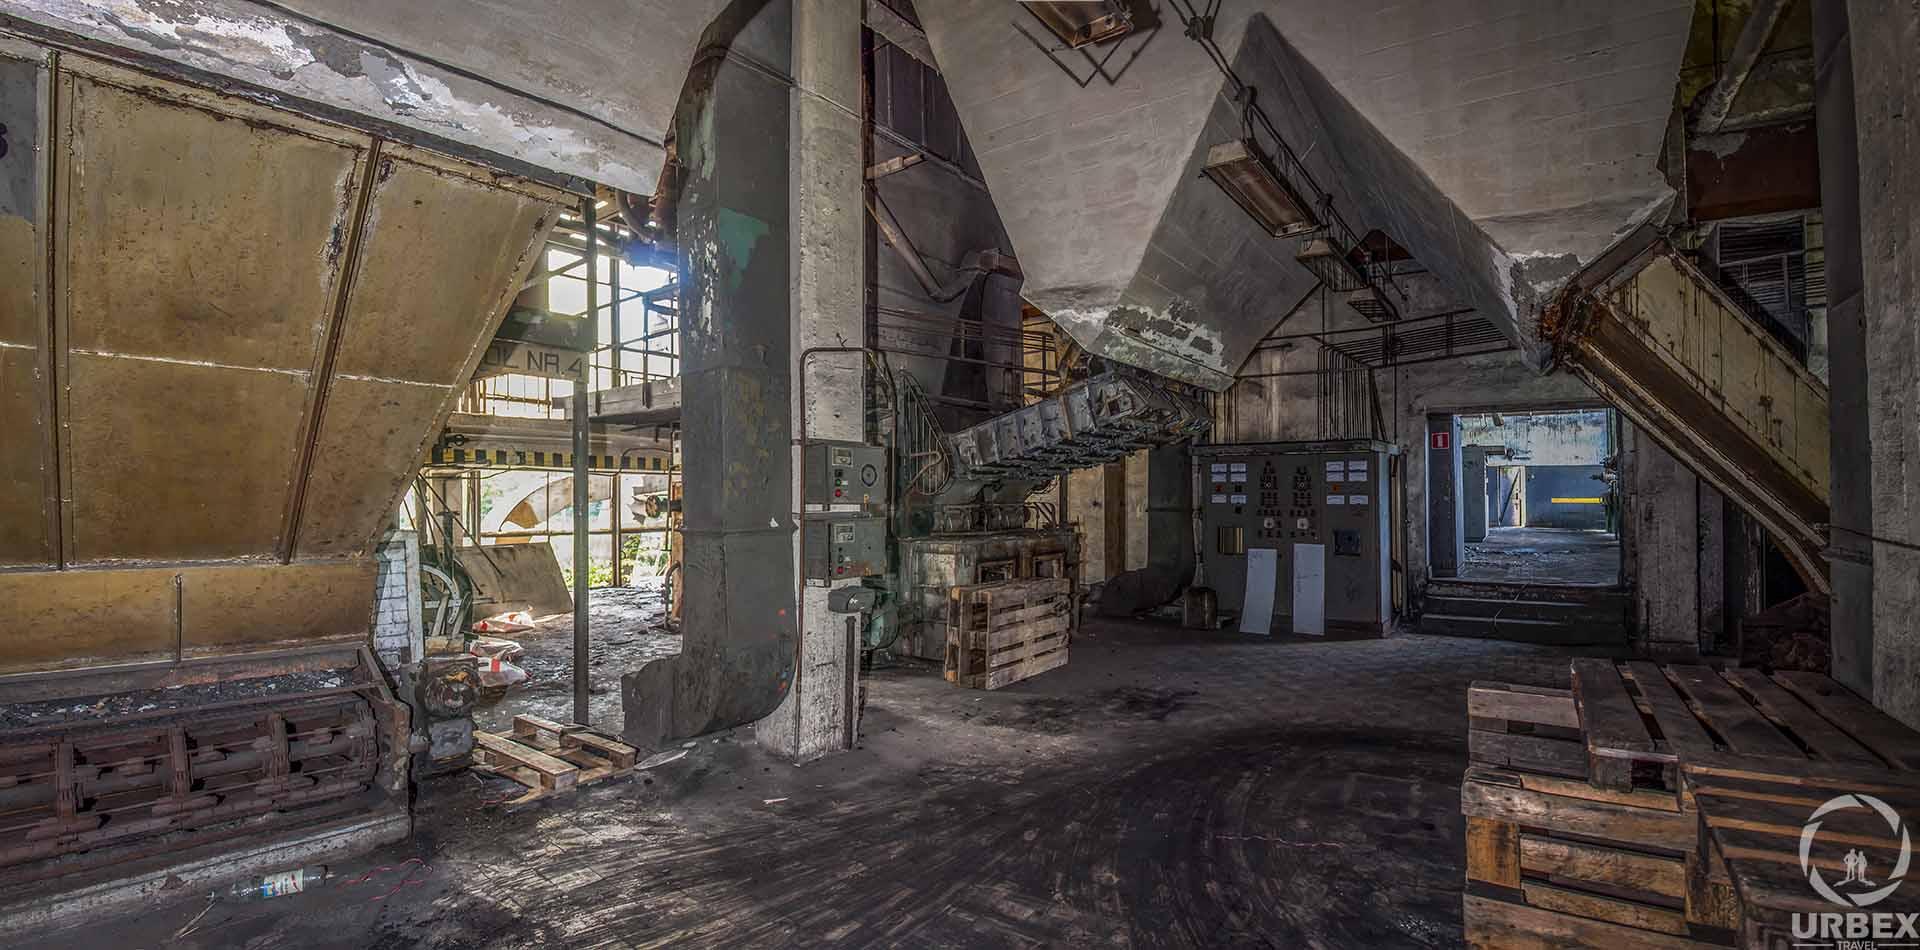 Abandoned Boiler Room in Zielonka